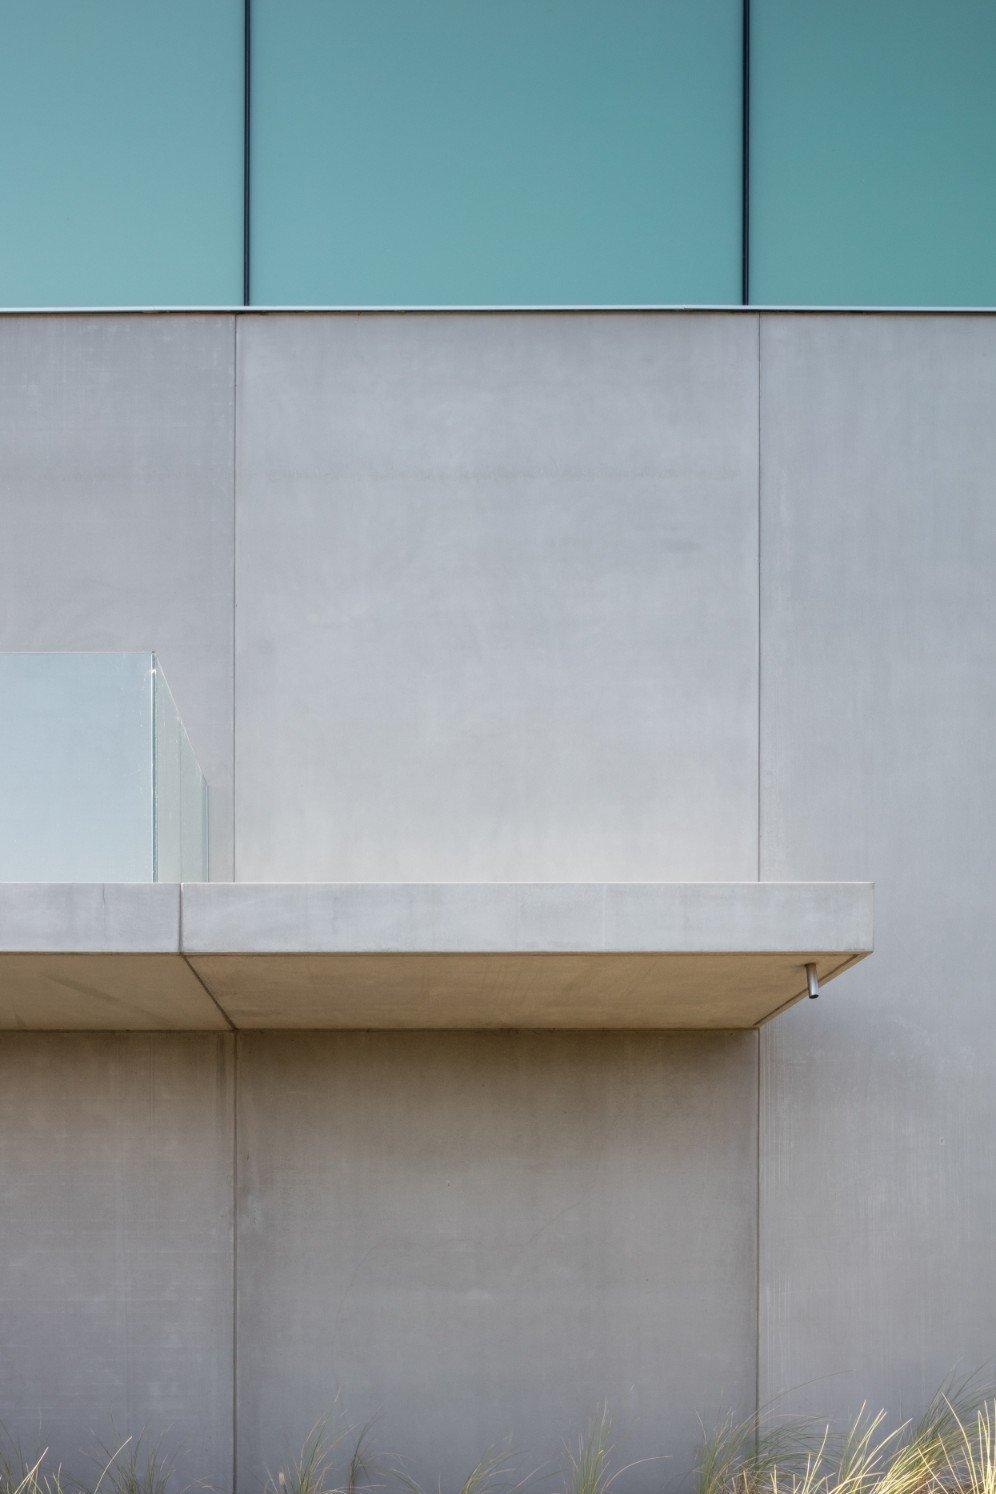 Rietveldprojects-saarinen-appartement-design-architectuur-kust-tvdv3